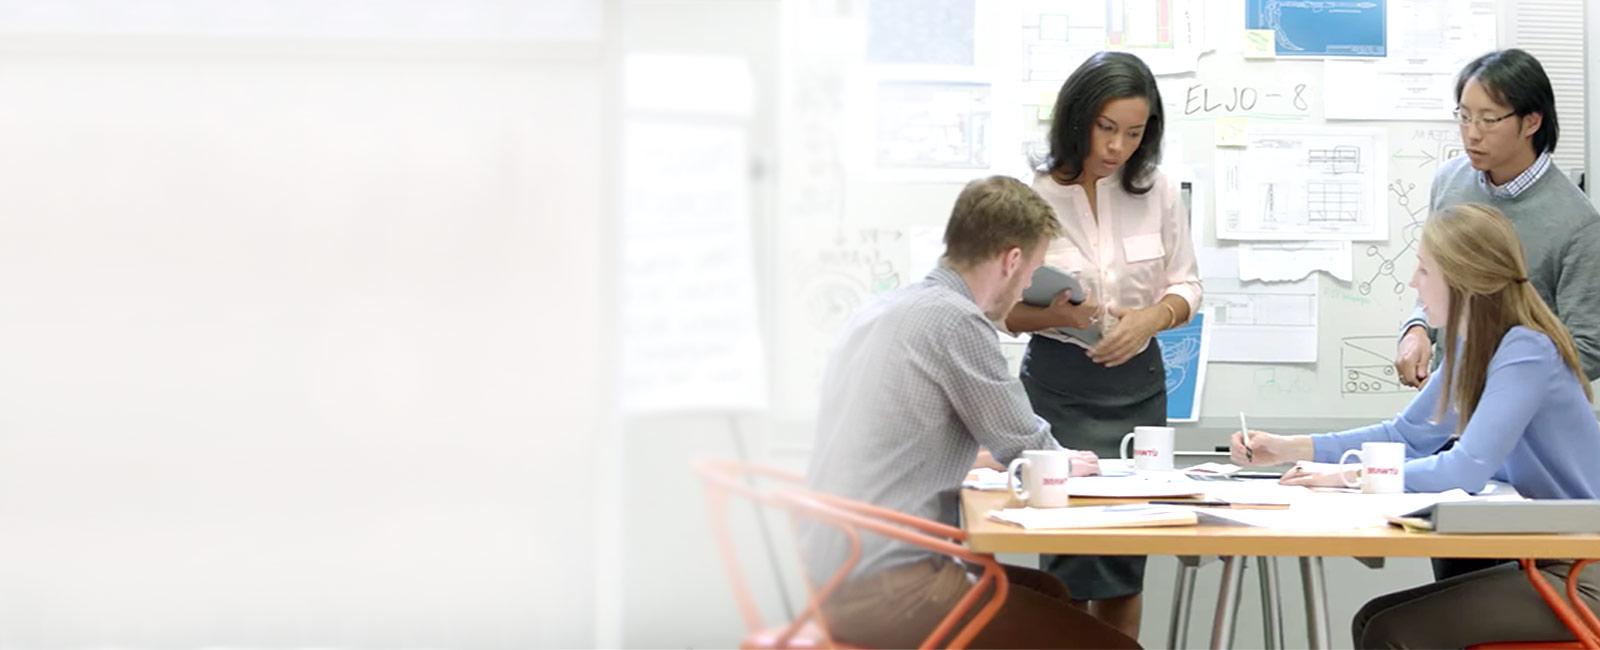 Två personer som står och två som sitter vid ett bord fullt av dokument framför en tavla.